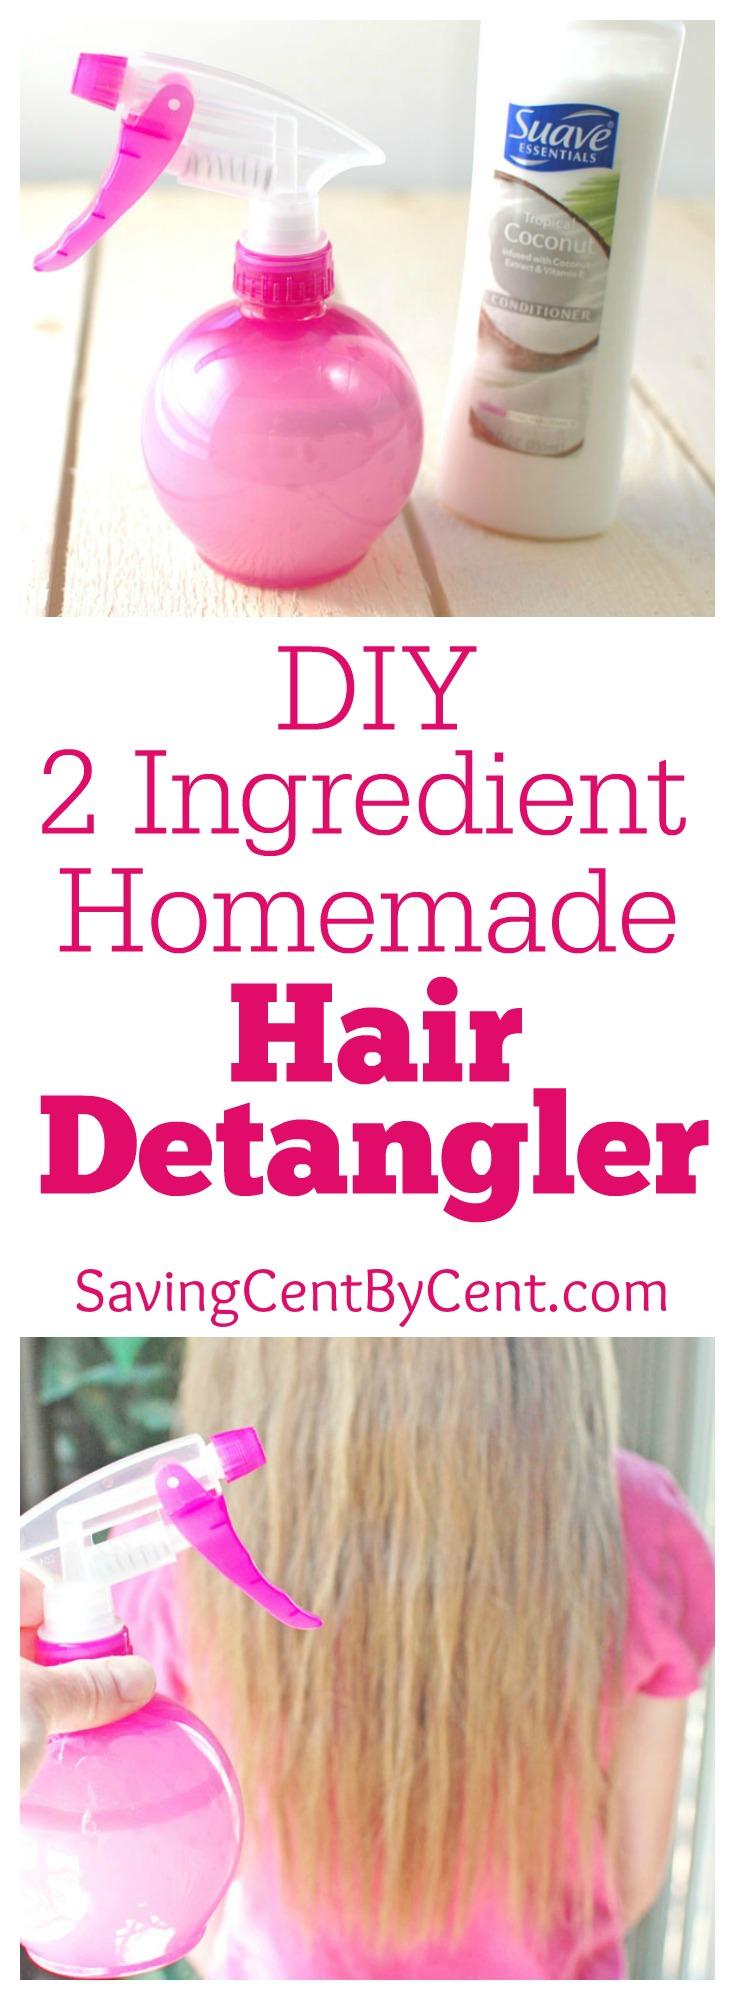 DIY 2 ingredient homemade hair detangler